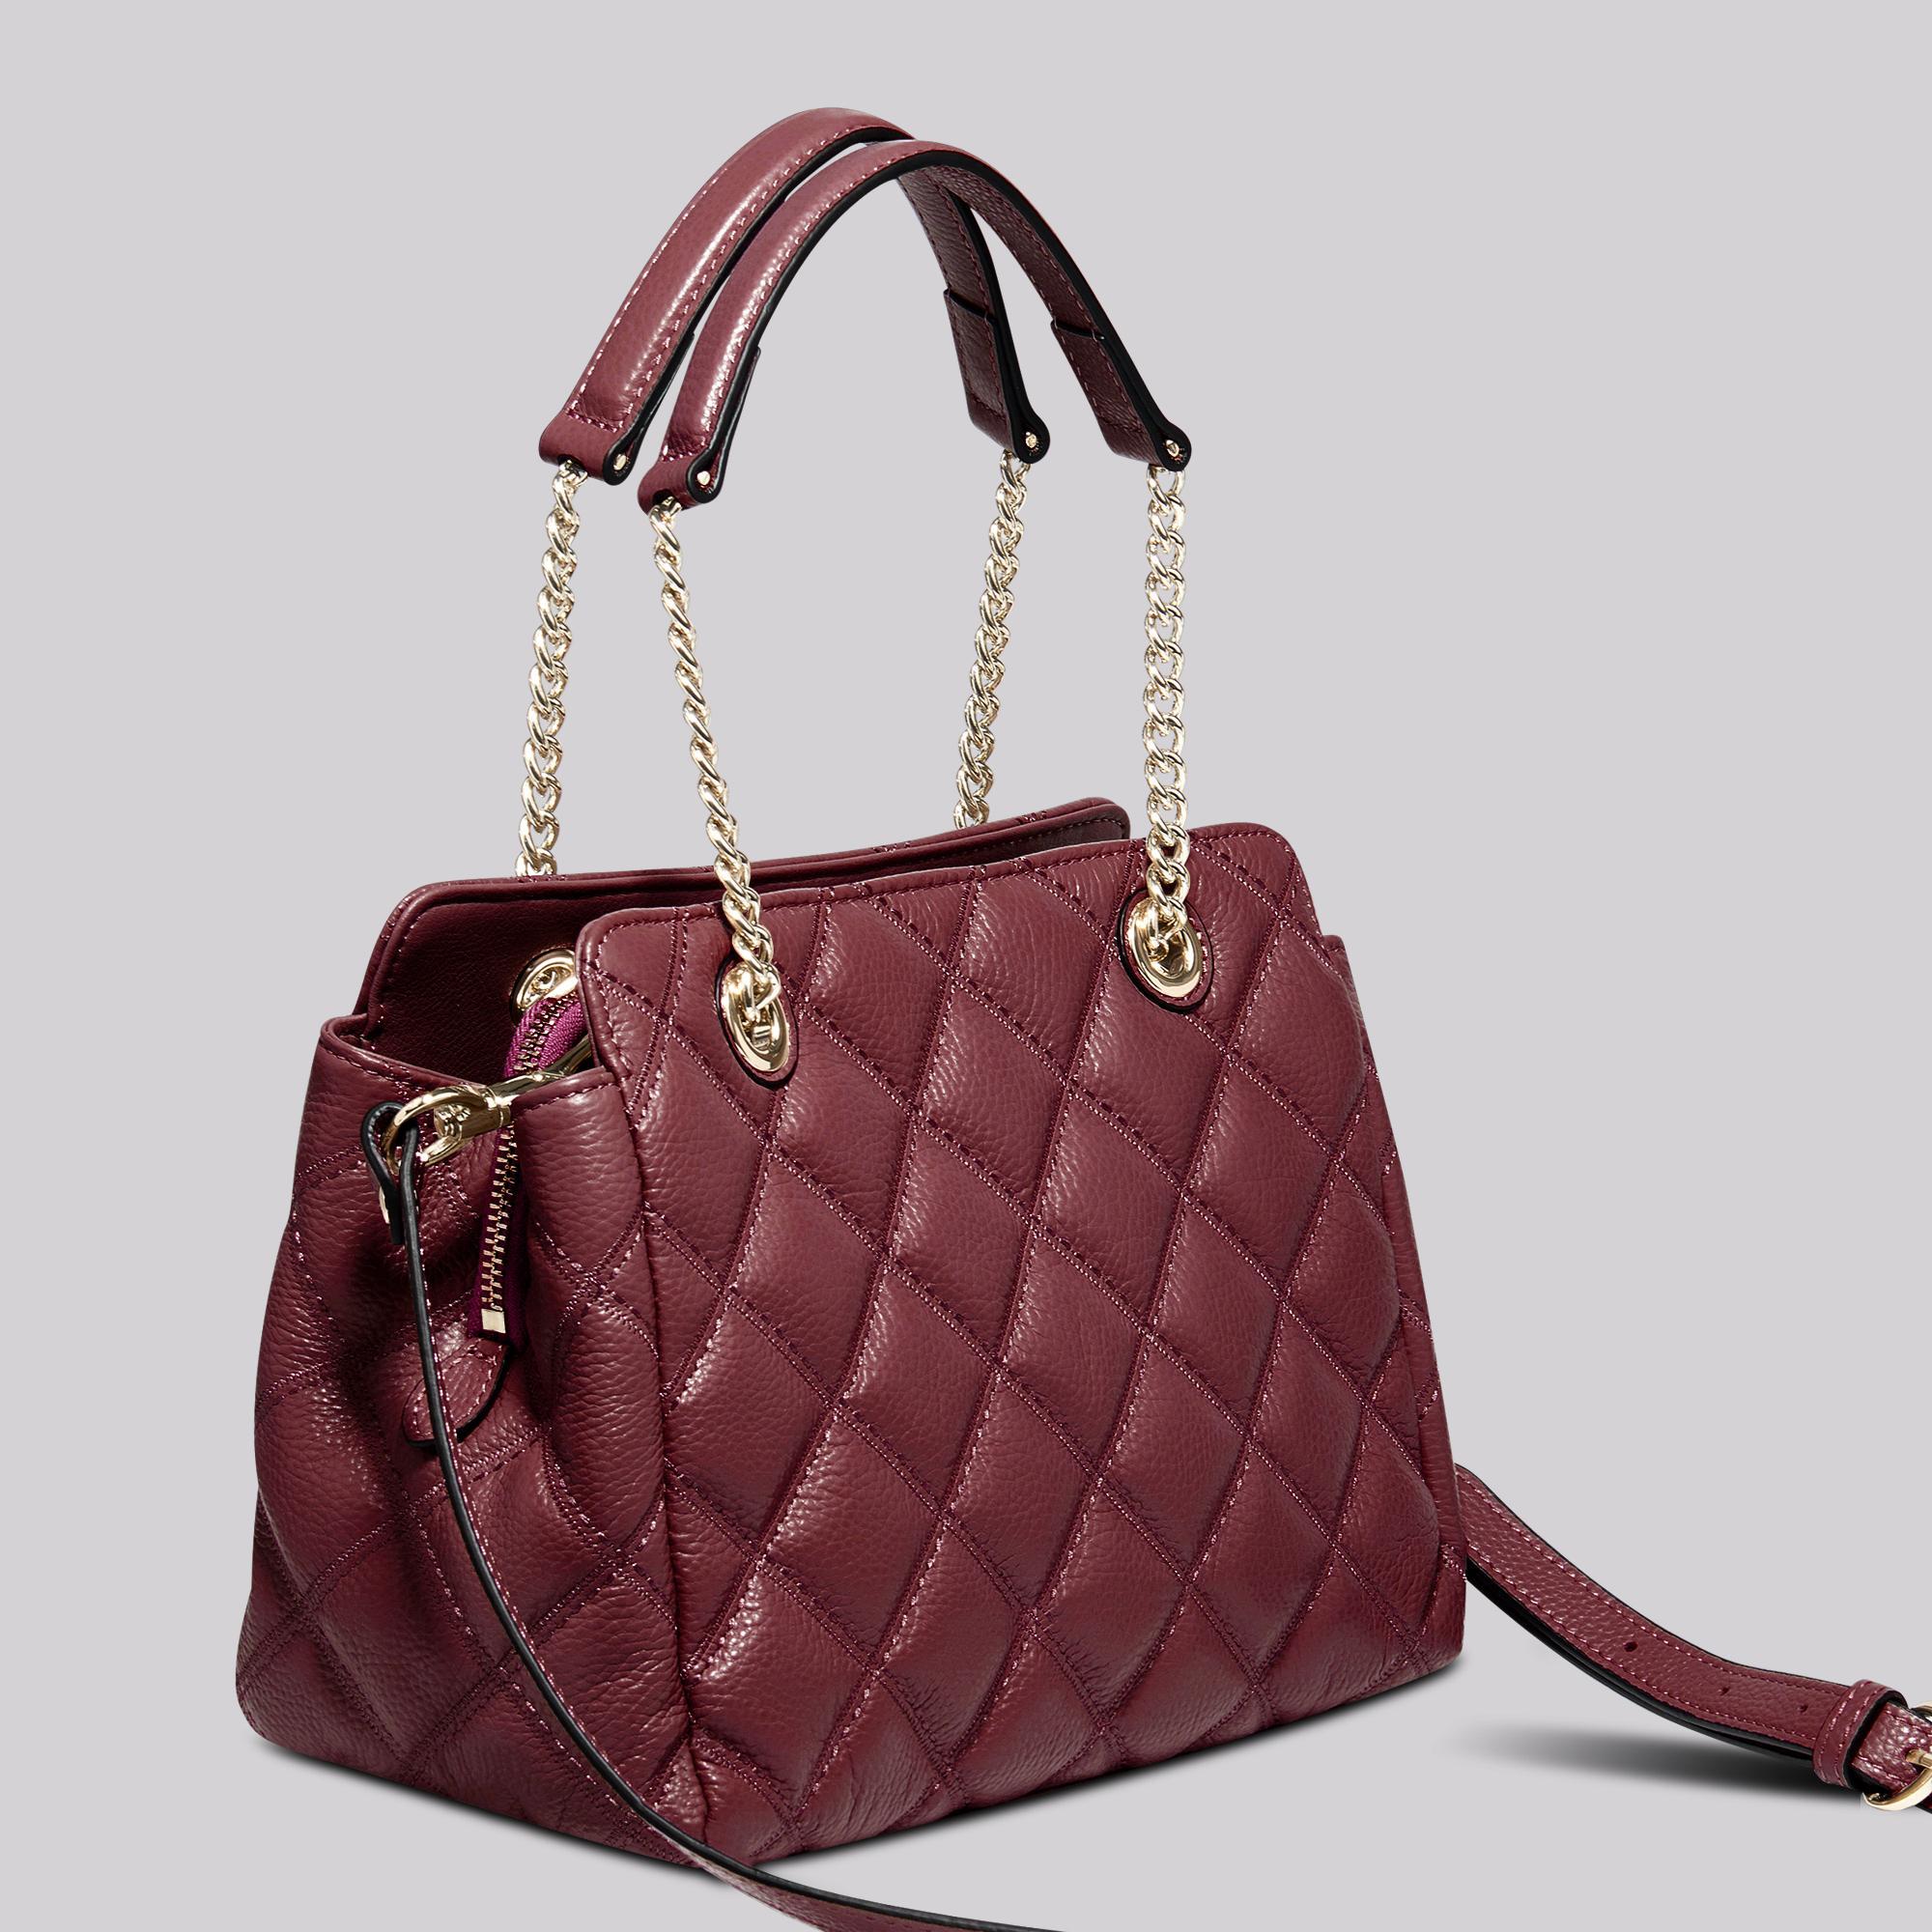 Borsa A Mano  BORDEAUX Her Bag